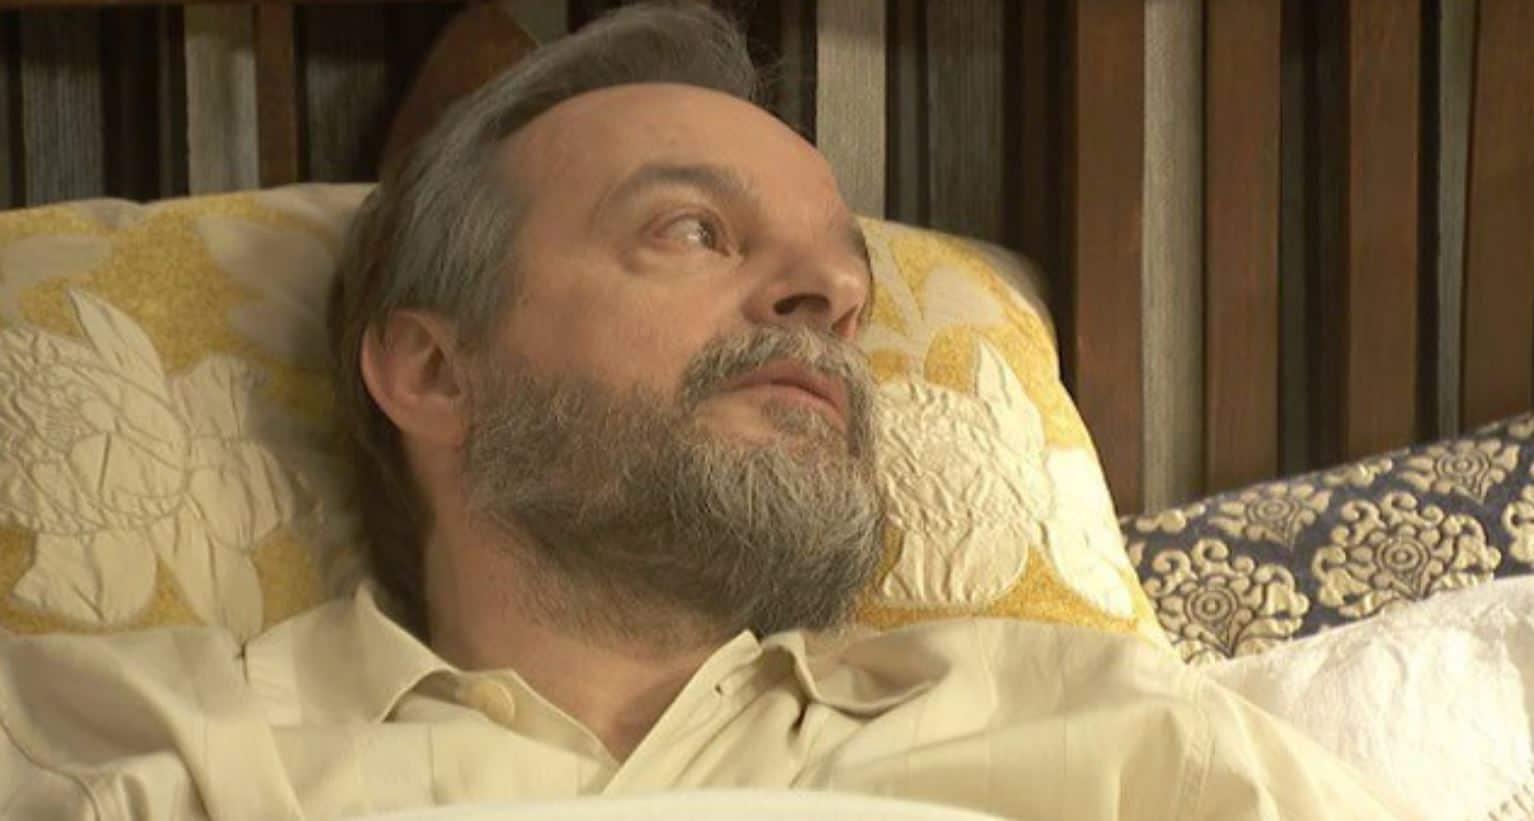 Il segreto anticipazioni prossime puntate: Raimundo uscirà dallo stato catatonico?